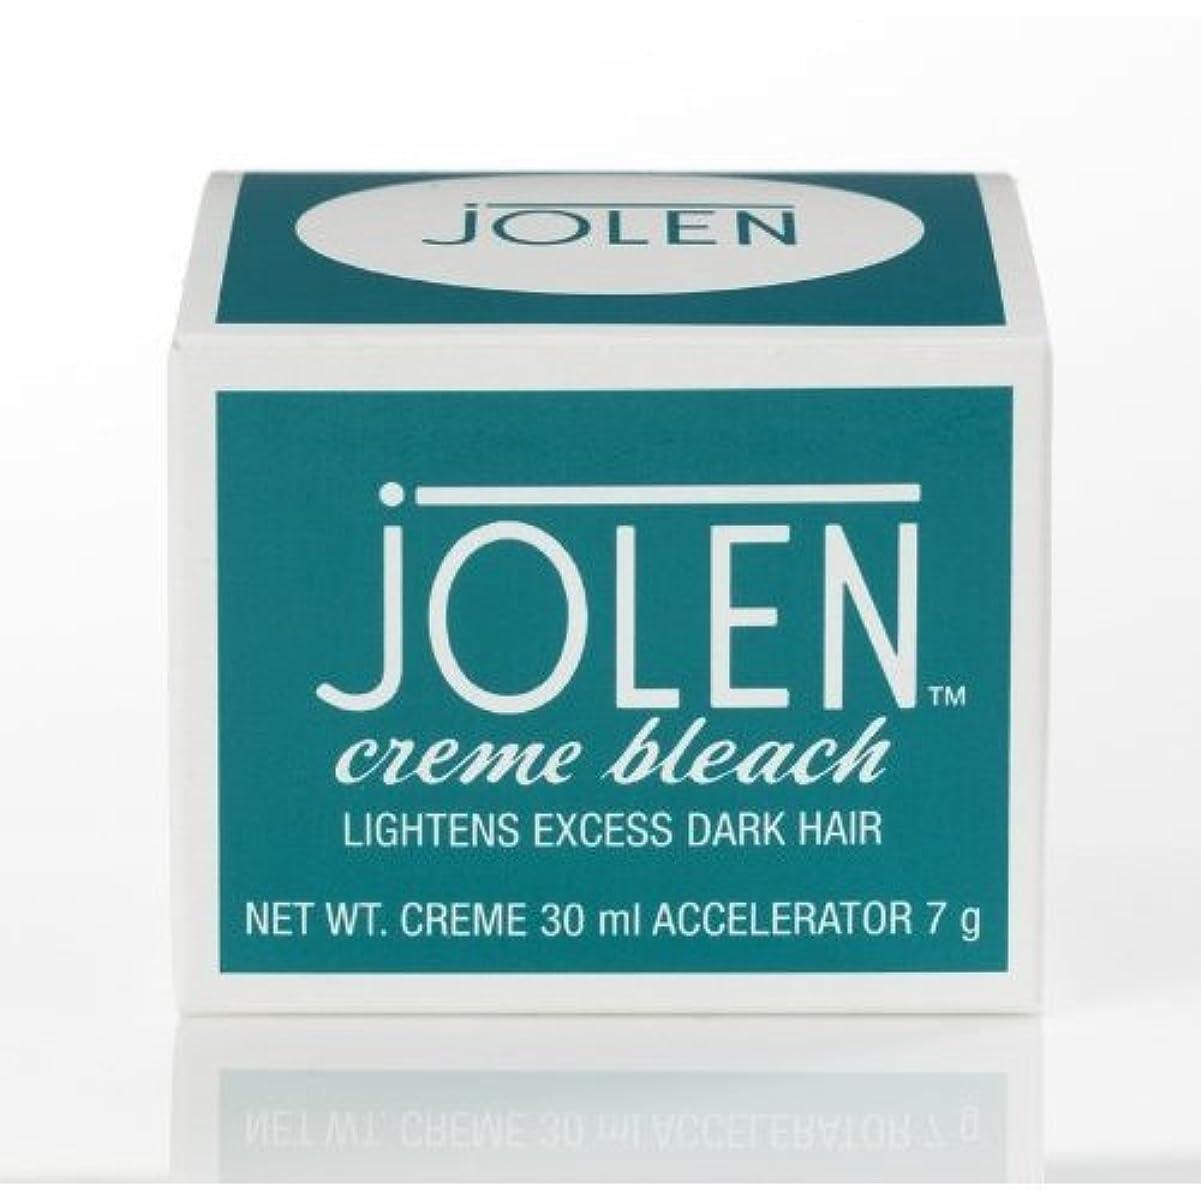 事実上膿瘍口ひげ【JOLEN】ジョレン cream bleach むだ毛脱色クリーム レギュラー 28g(並行輸入品)